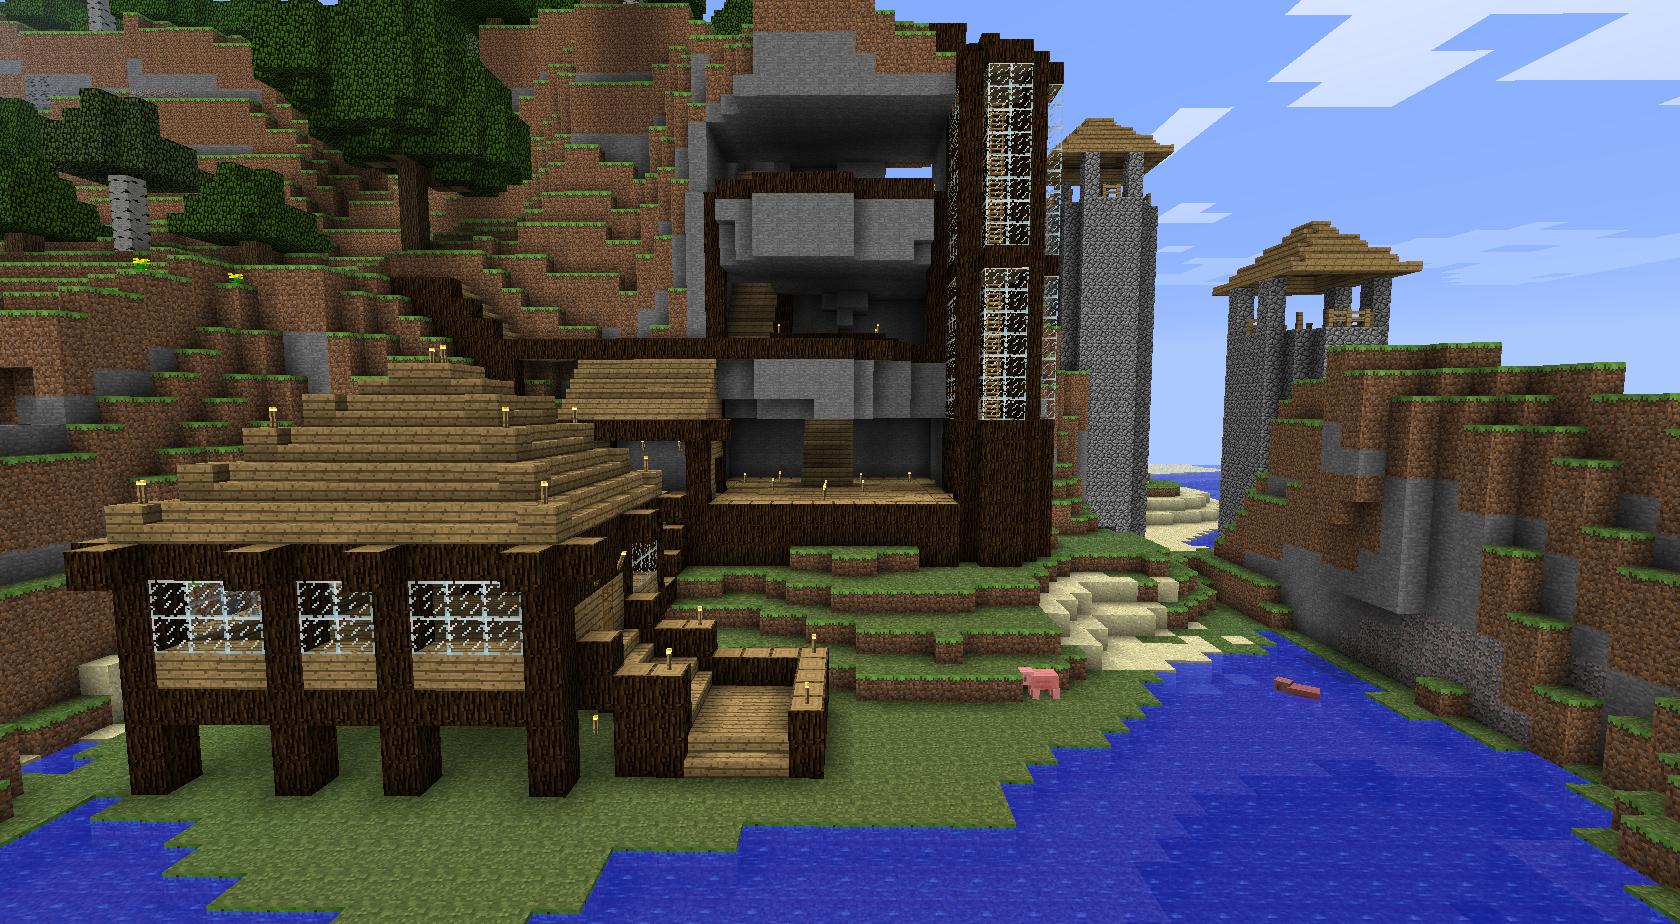 Minecraft Progress #1 | Awesome - 1599.9KB